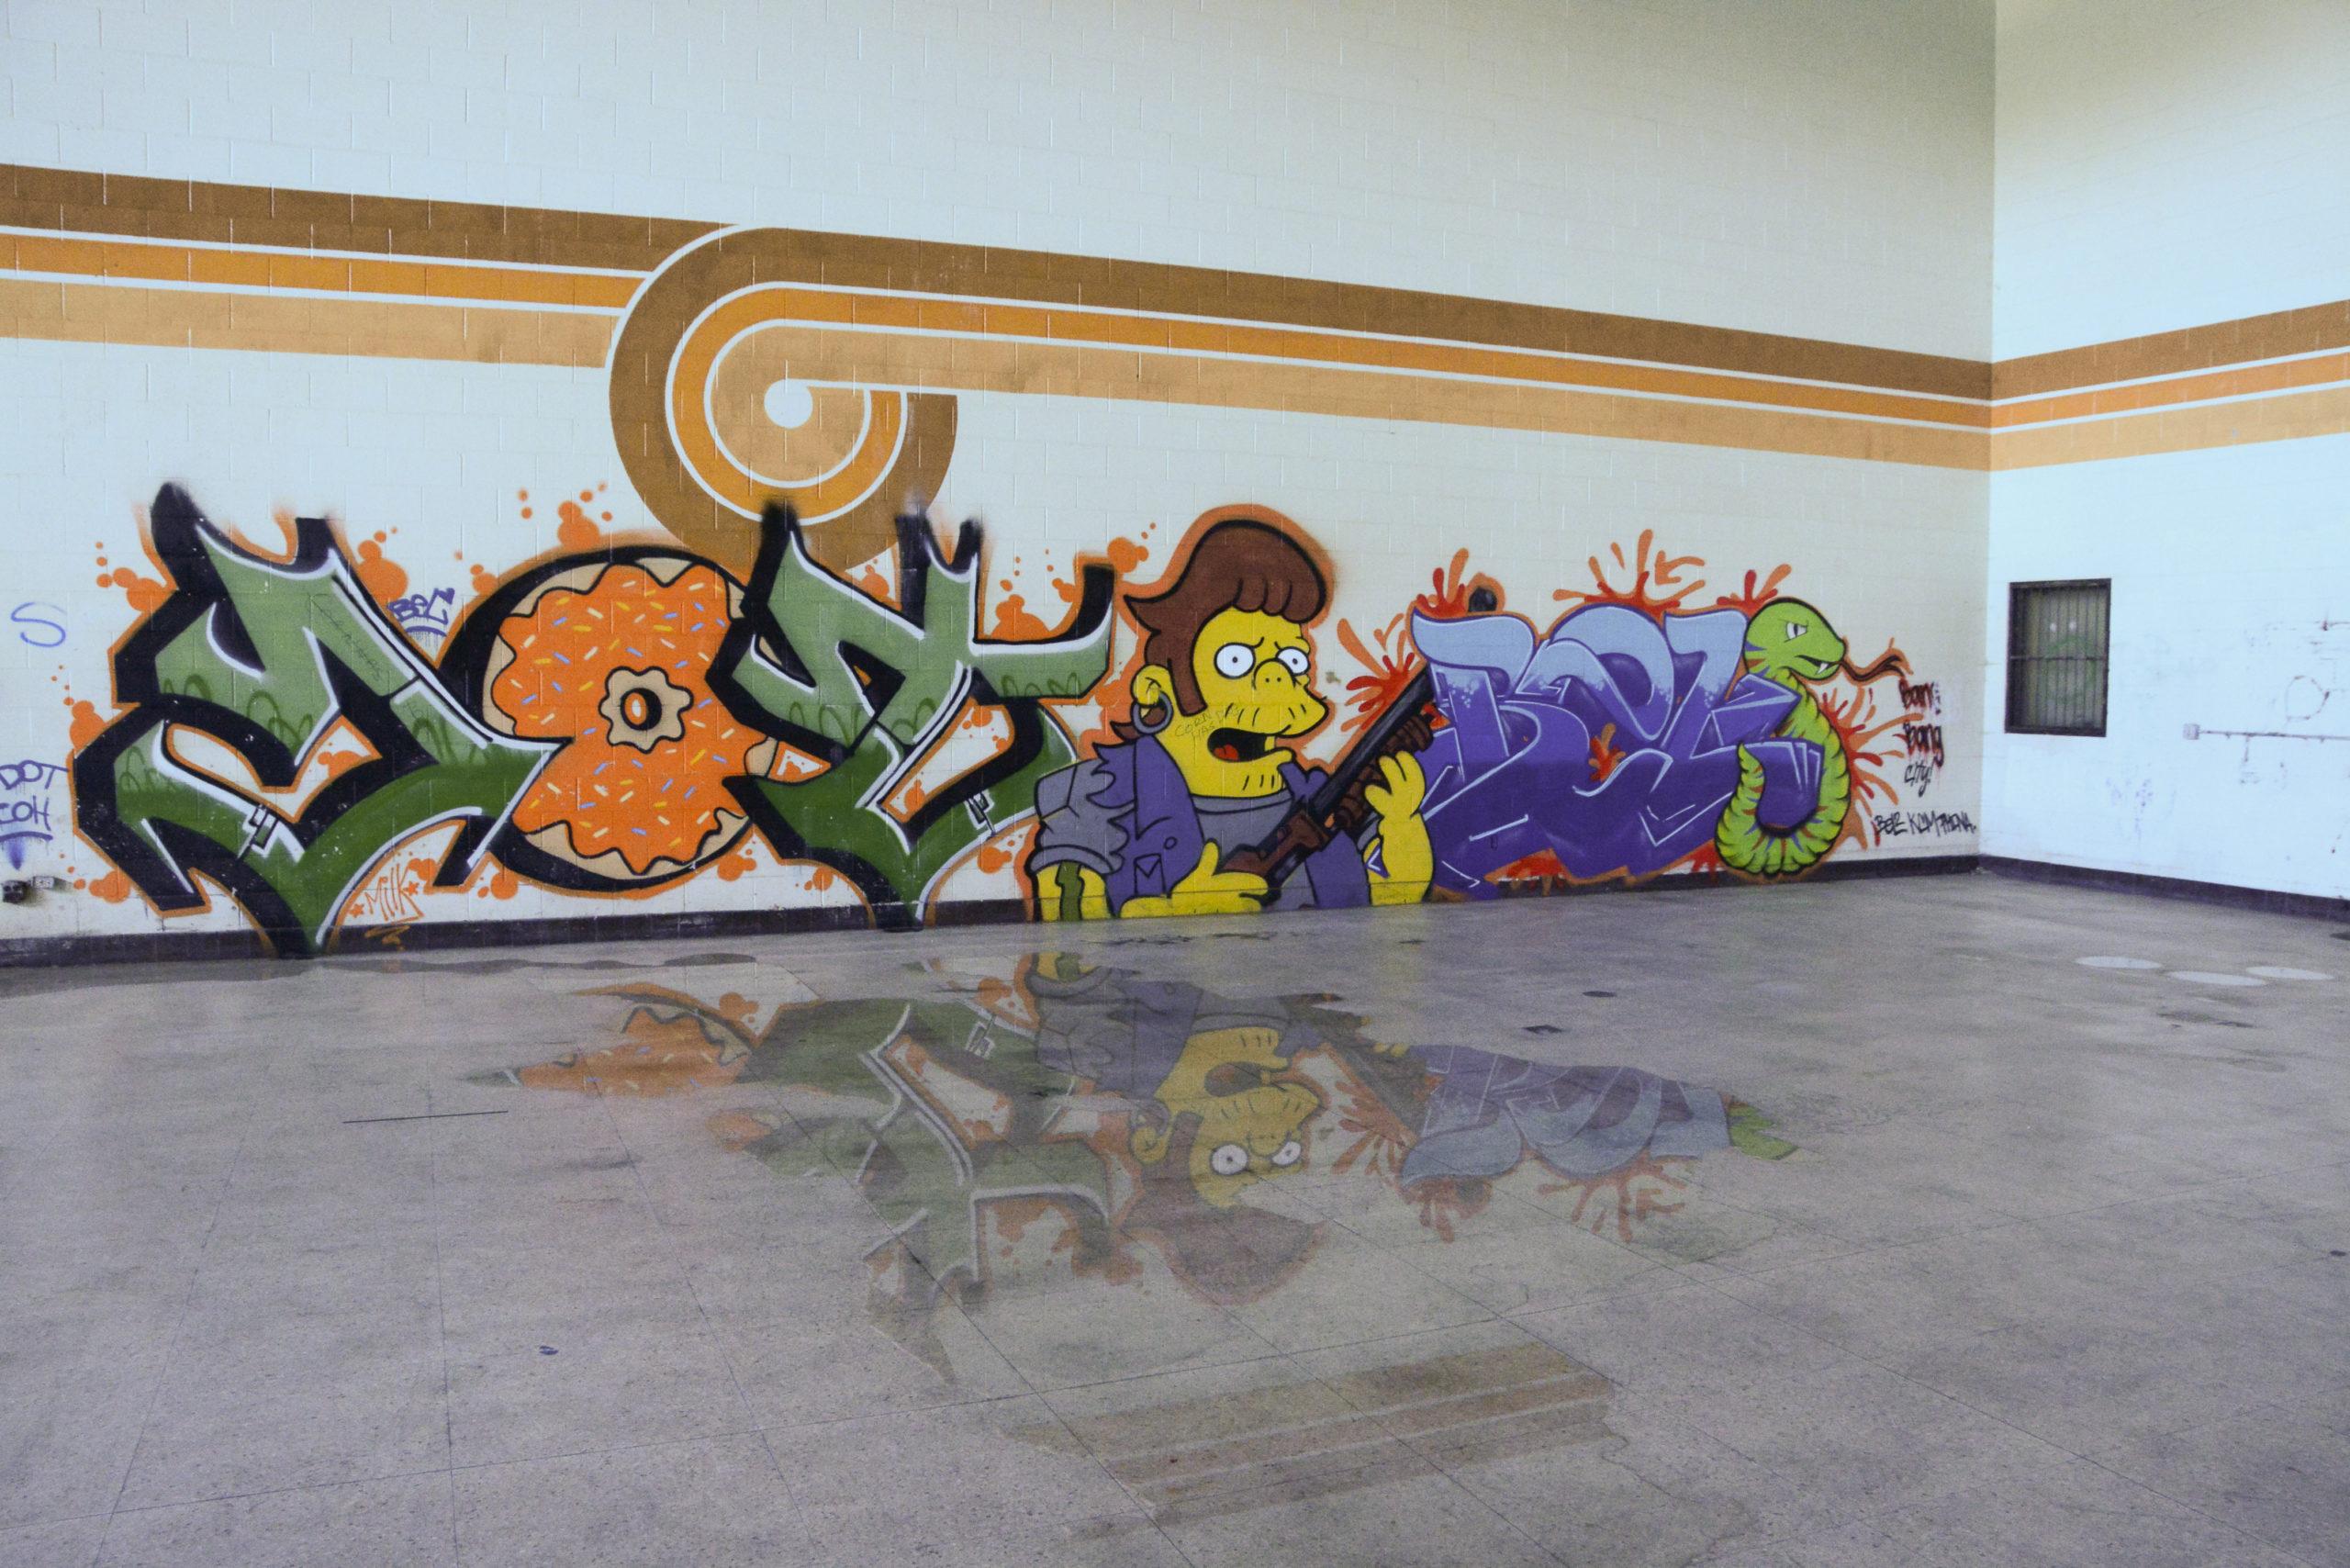 Grafitti im Stil der Simpsons im Gefängnis an der Route 66